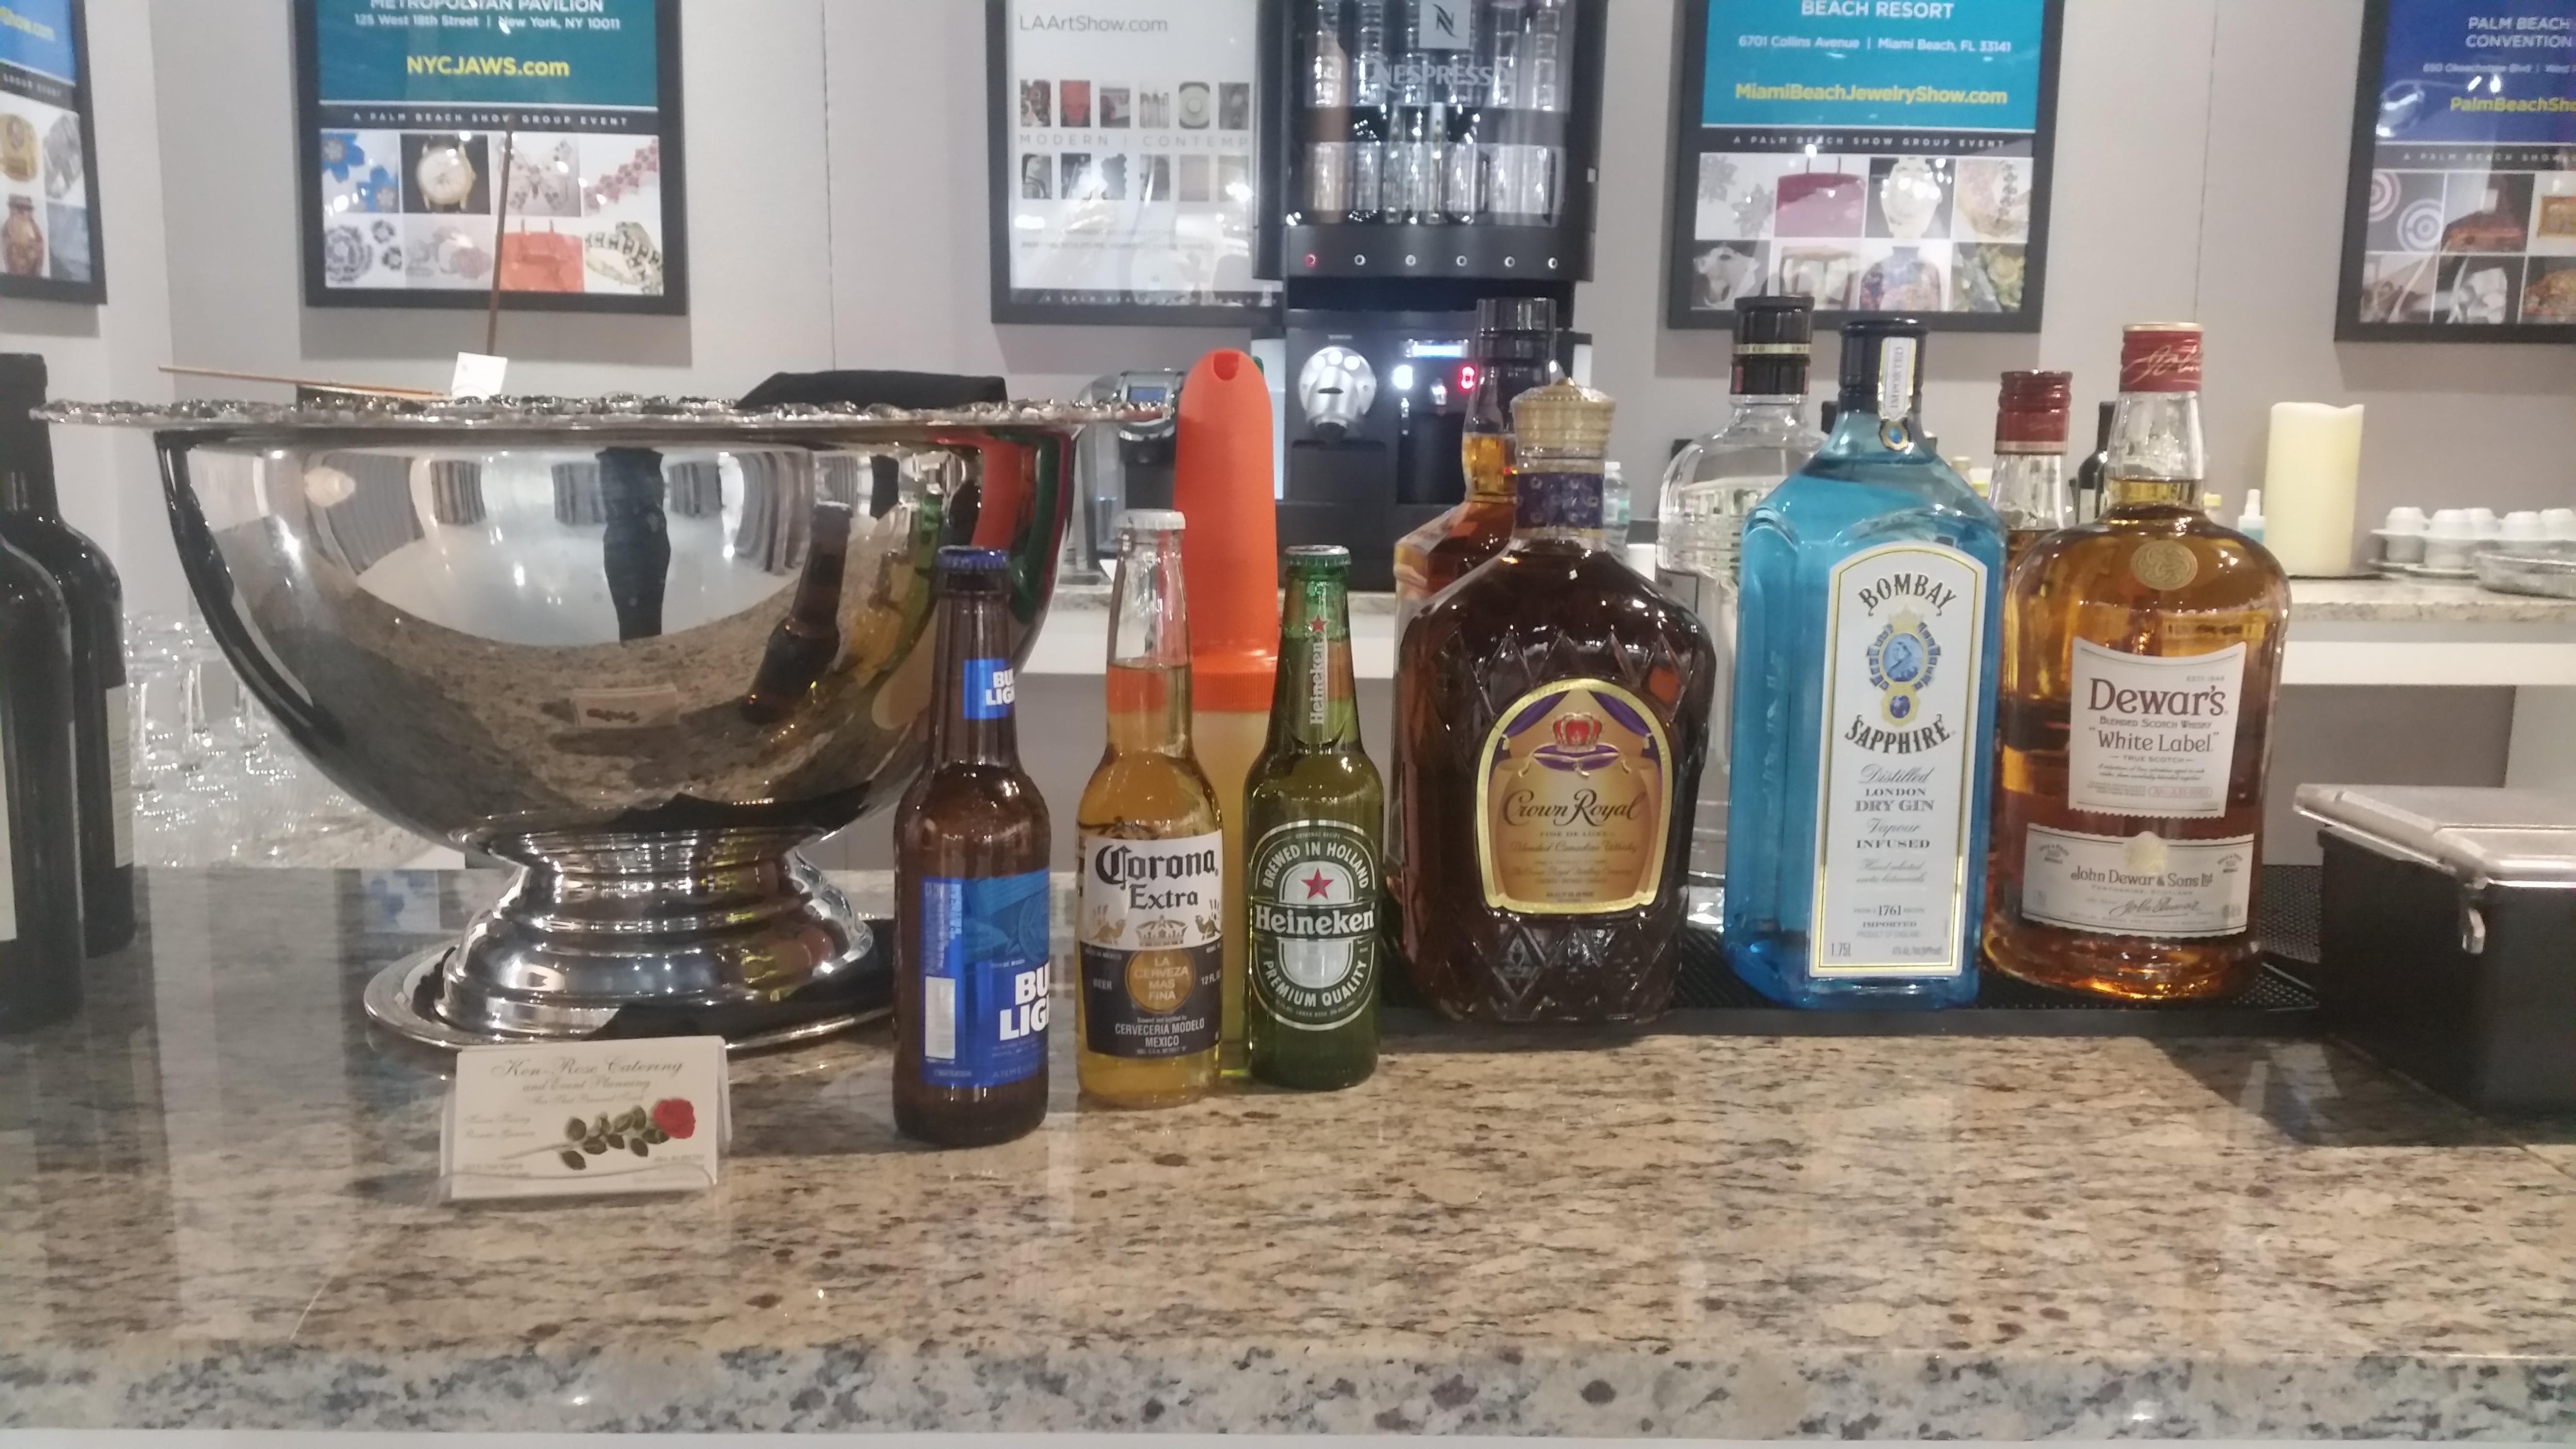 Palm Beach Art Antique & Design Showroom Bar setup